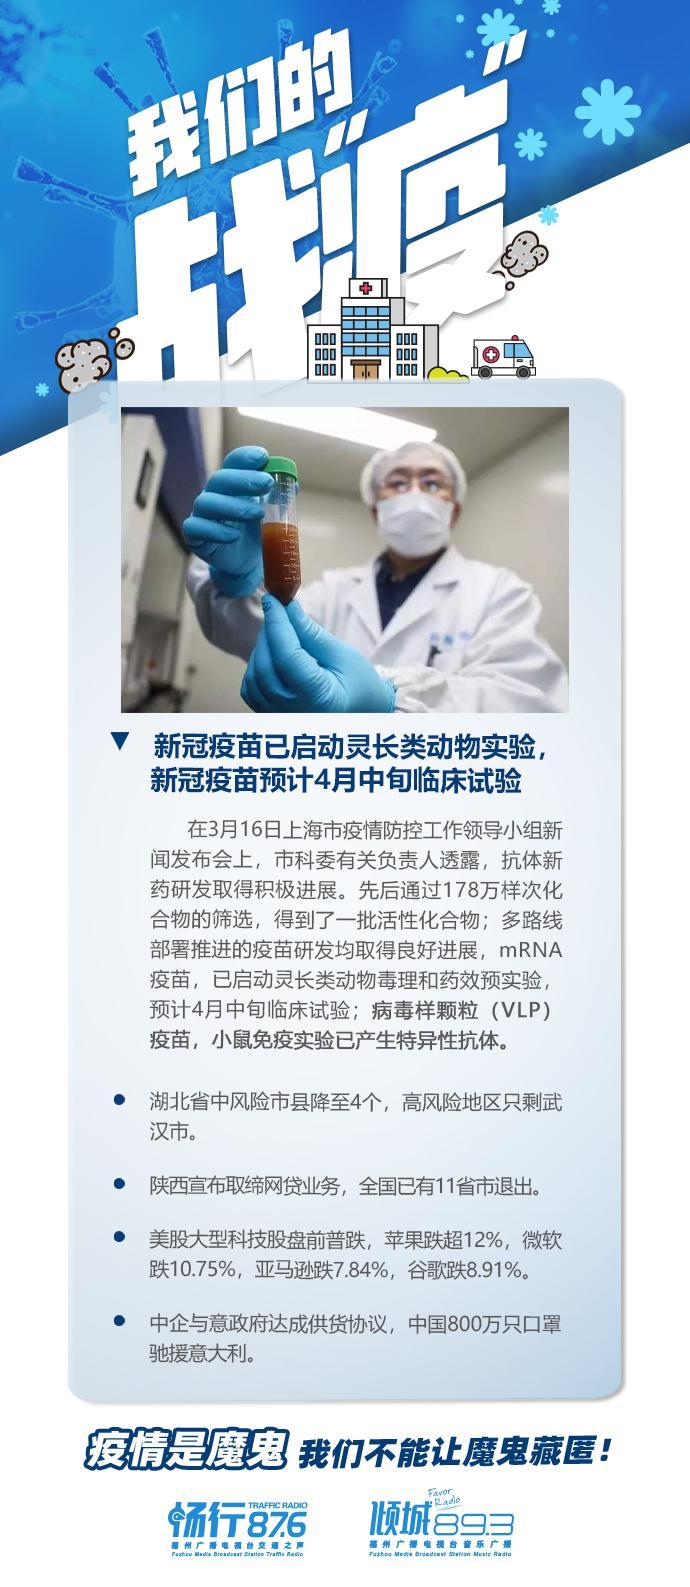 新冠疫苗已启动灵长类动物实验,新冠疫苗预计4月中旬临床试验